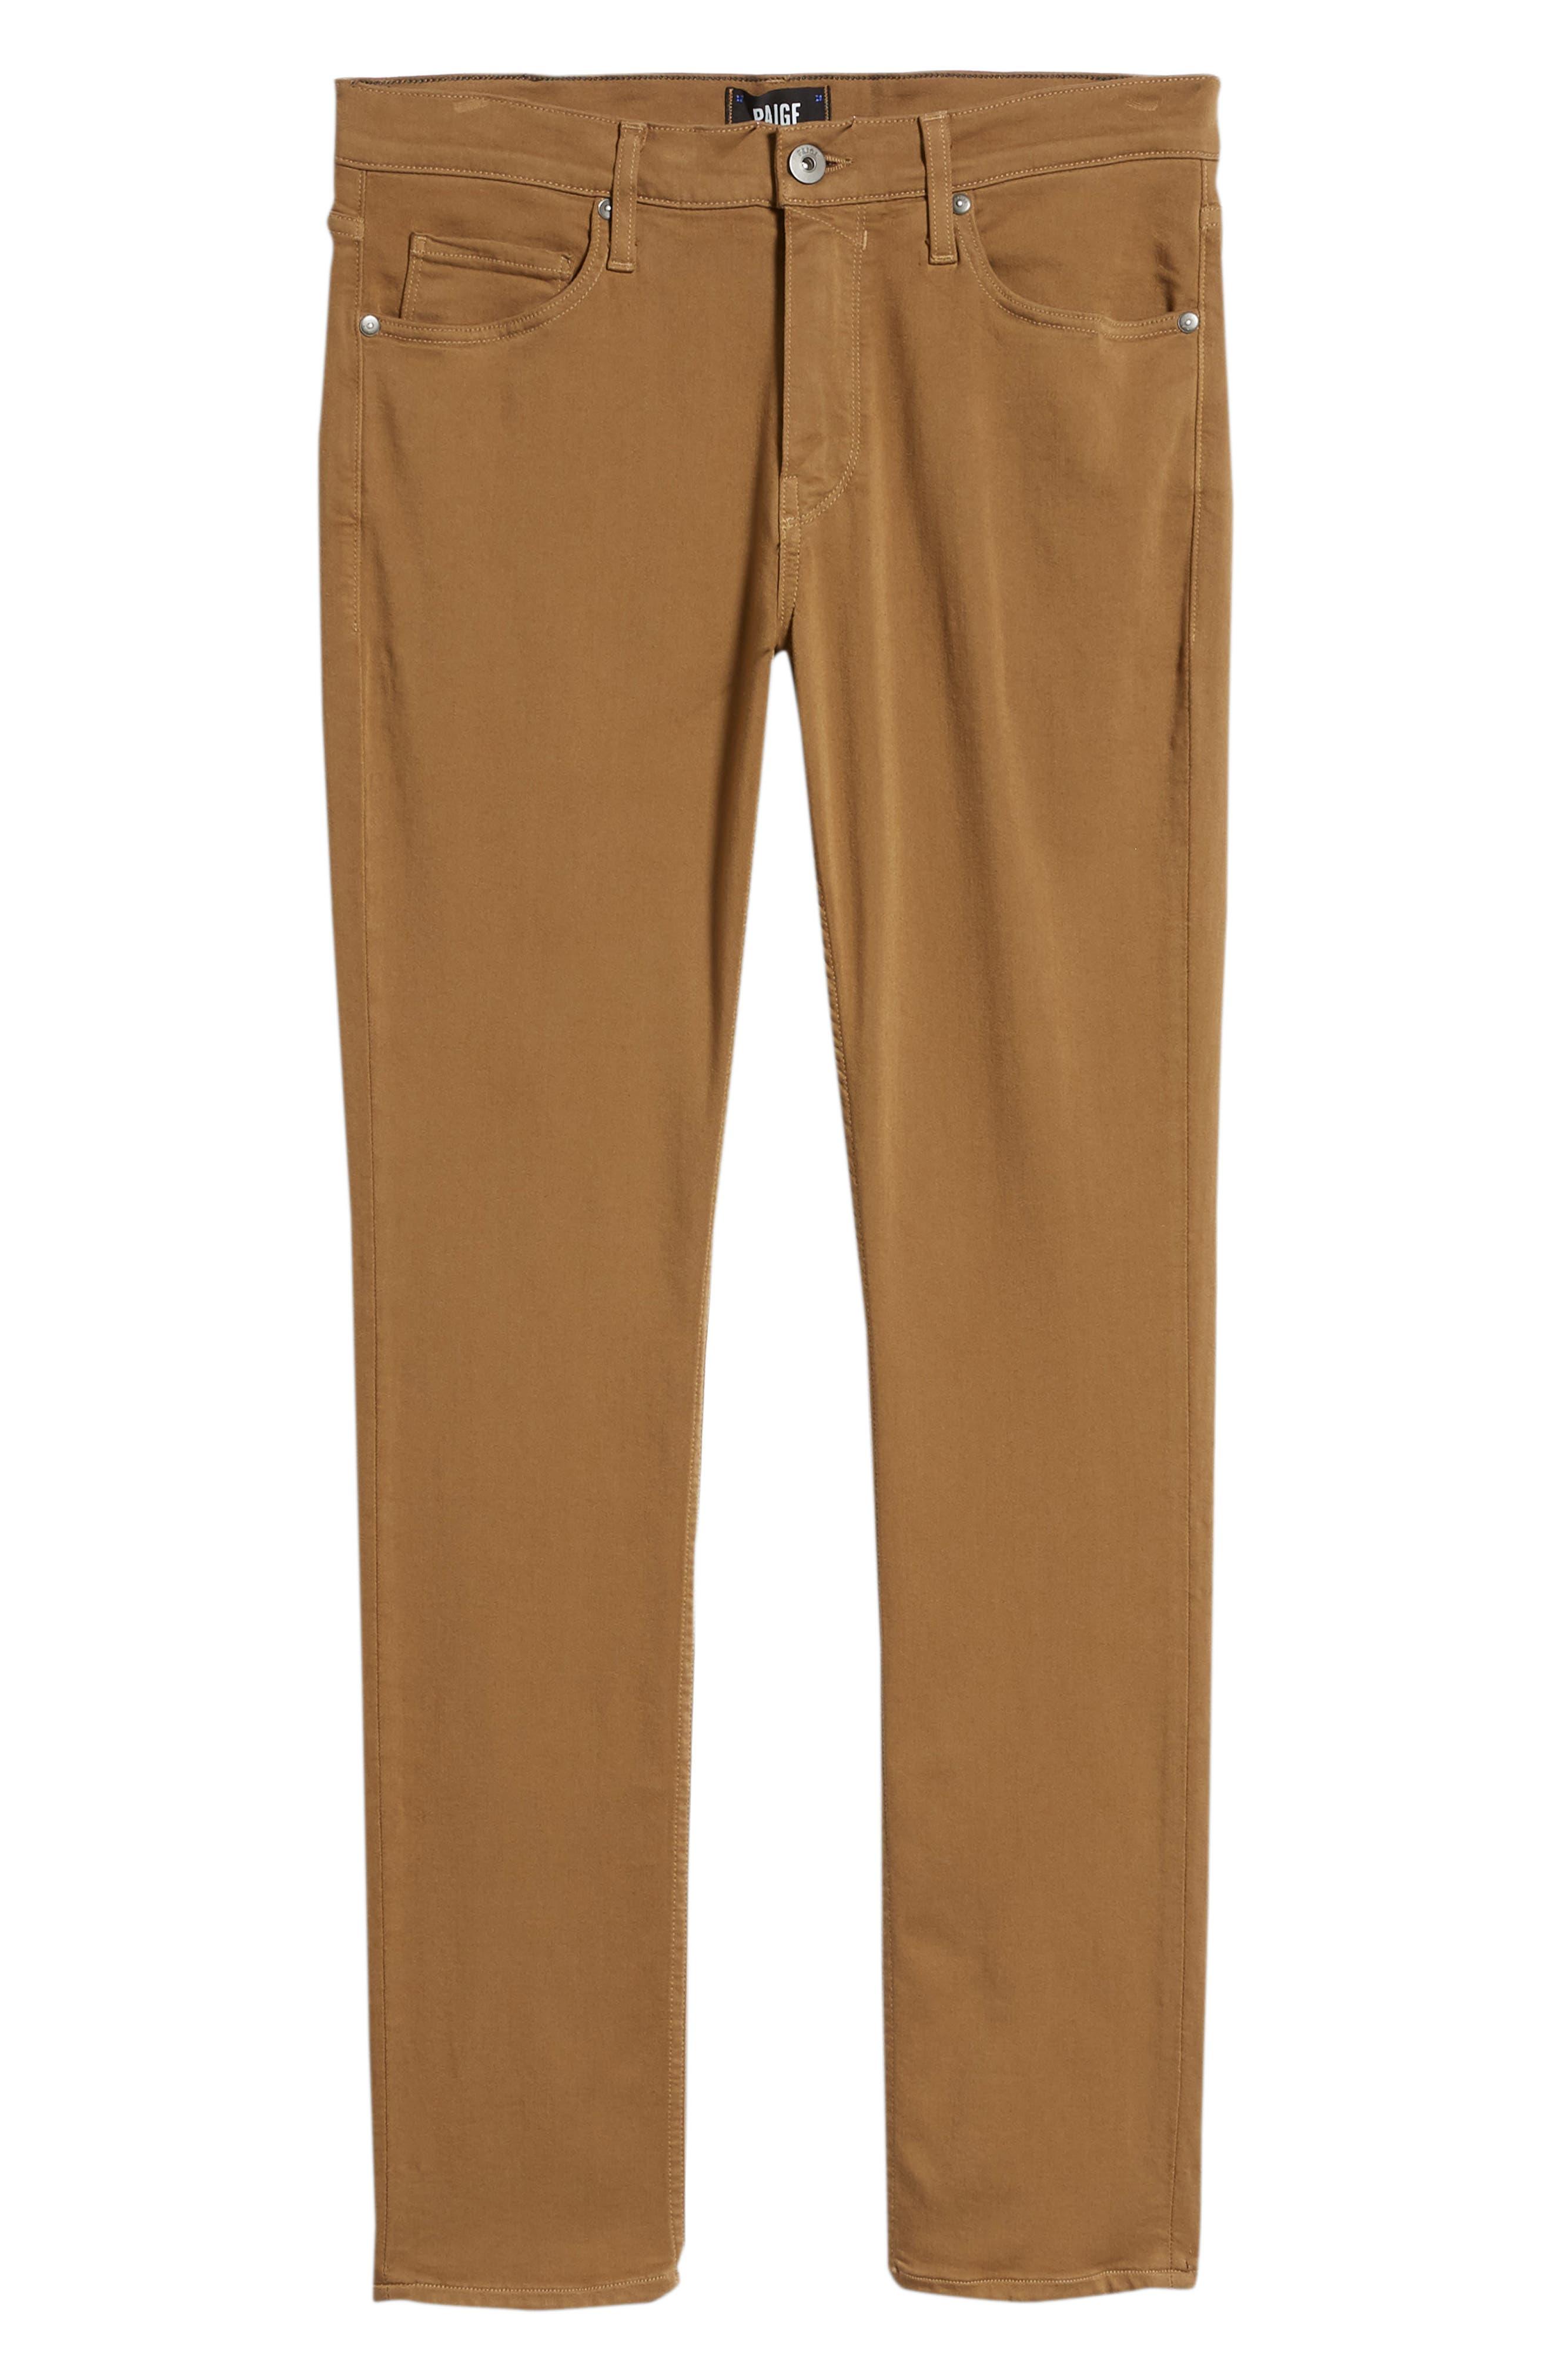 Transcend - Normandie Straight Leg Jeans,                             Alternate thumbnail 6, color,                             LAUREL TAN